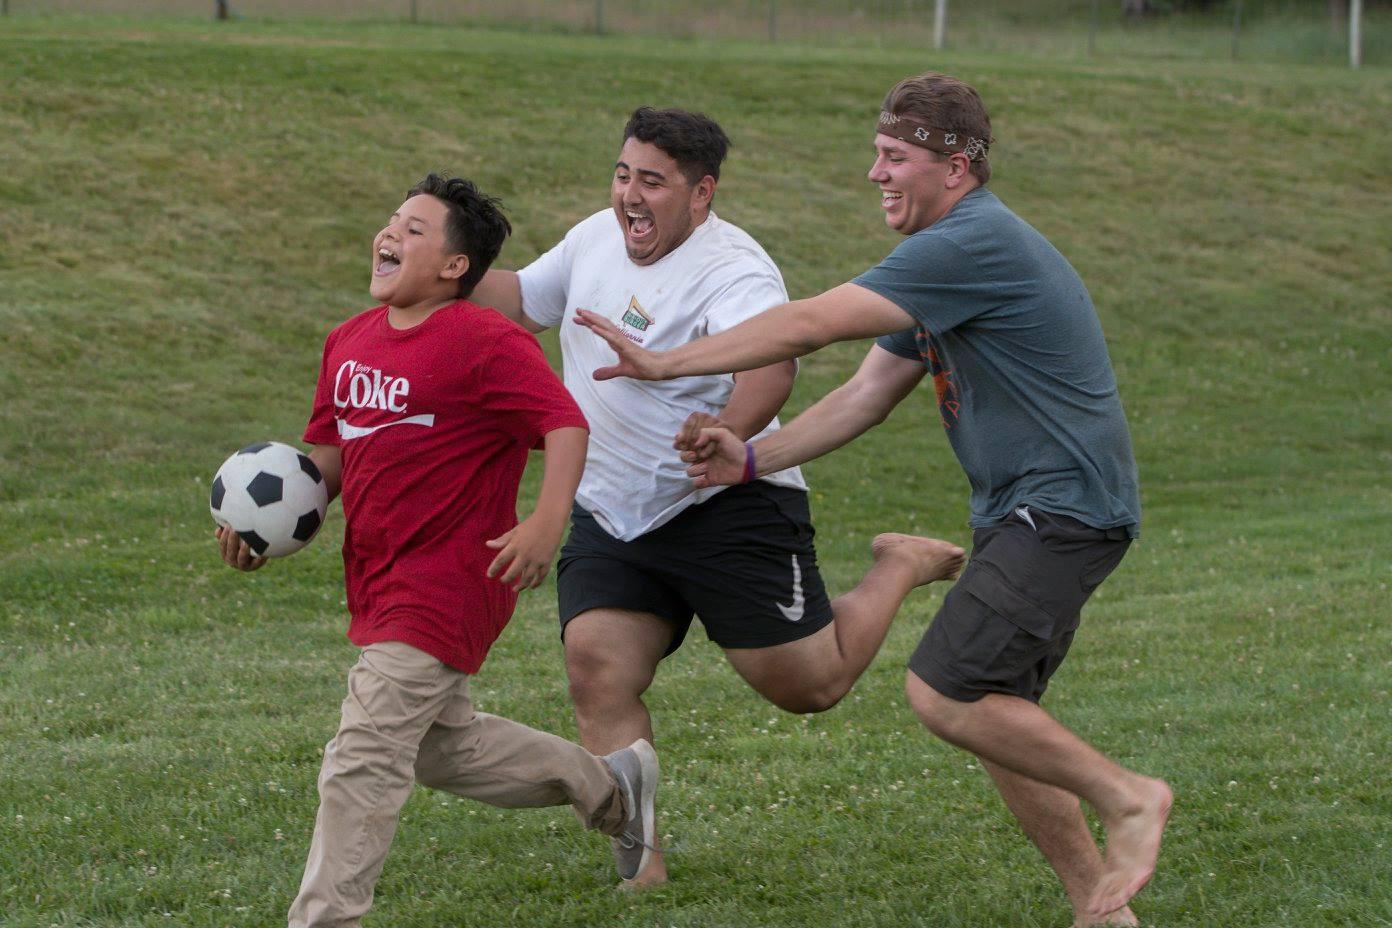 Counselors Chasing Kids